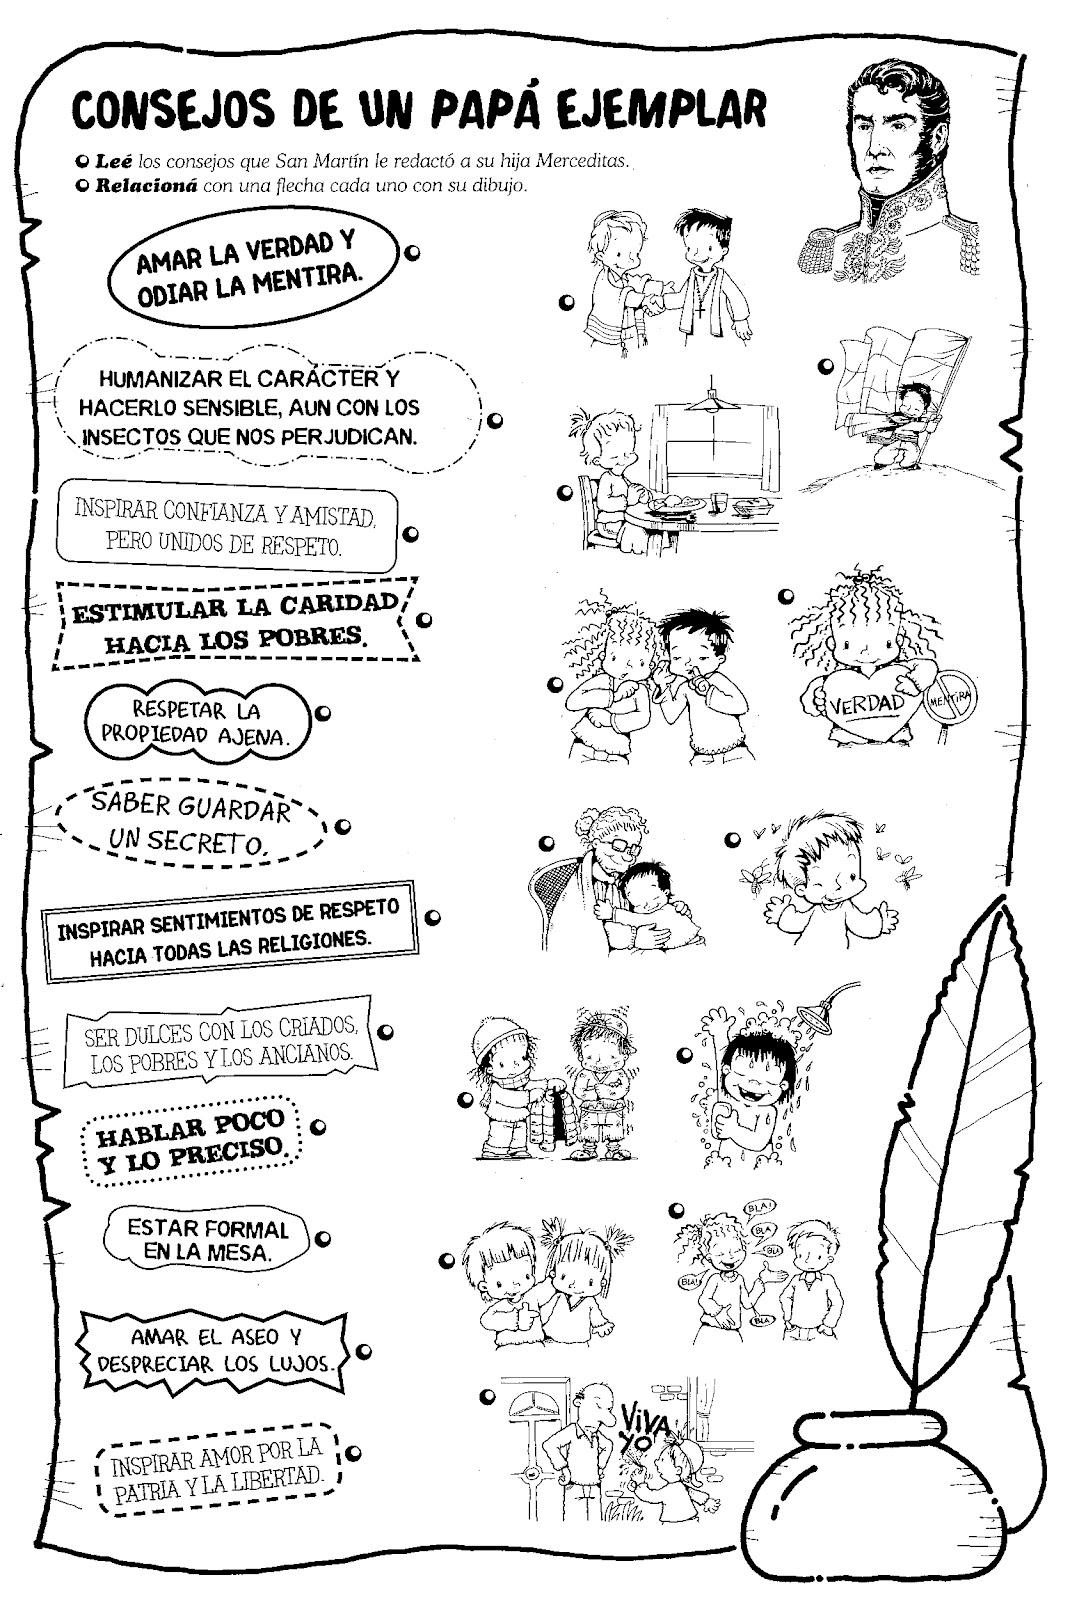 Laminas Colegiales Para Imprimir Y Recortar General Don